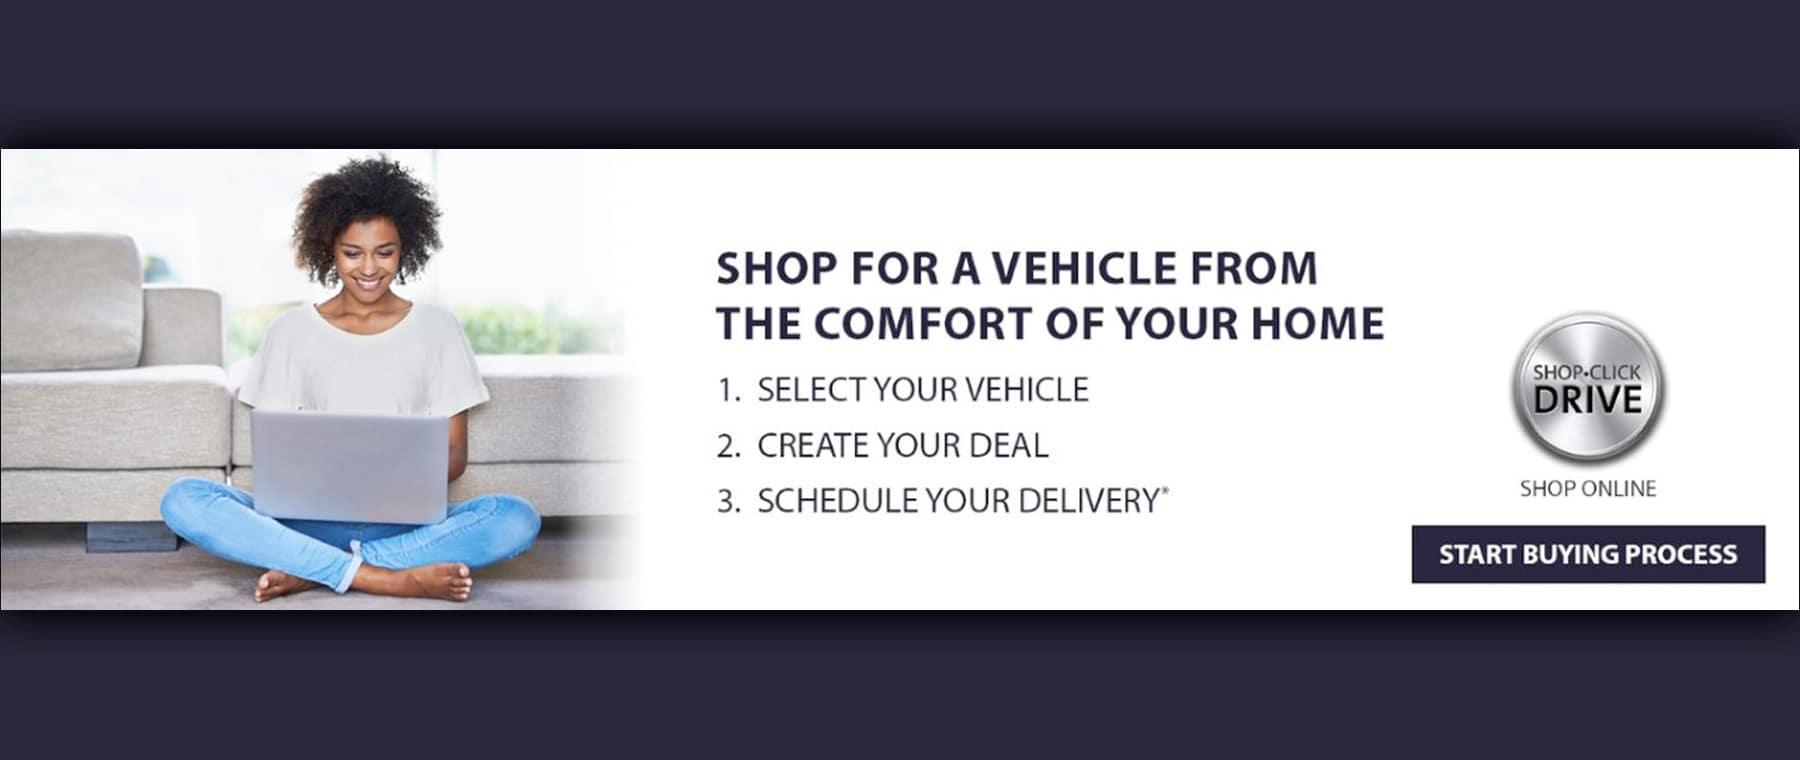 Chevy-1800×760-ShopFromHome